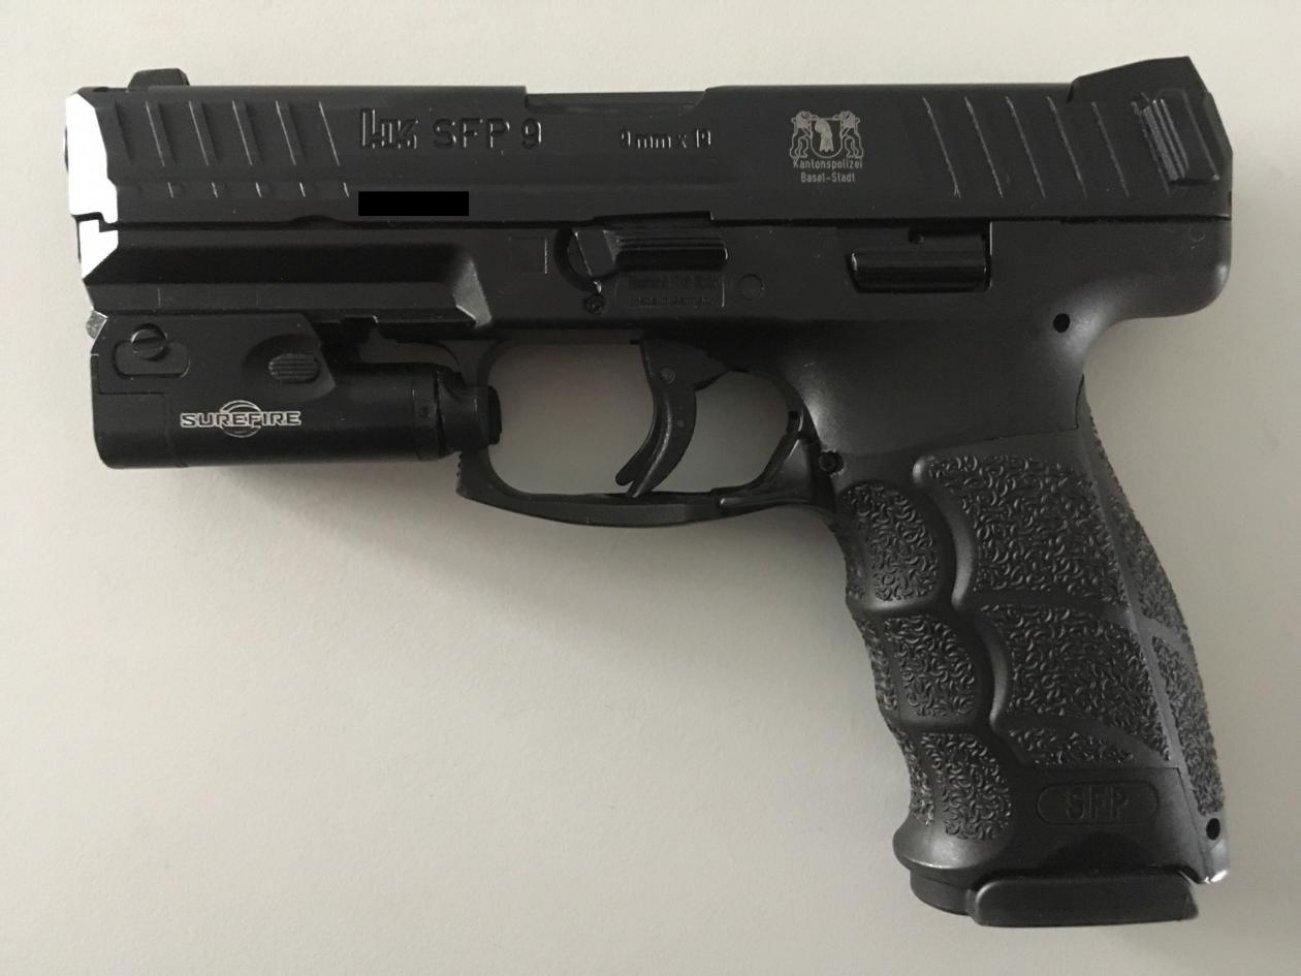 Guns - cover